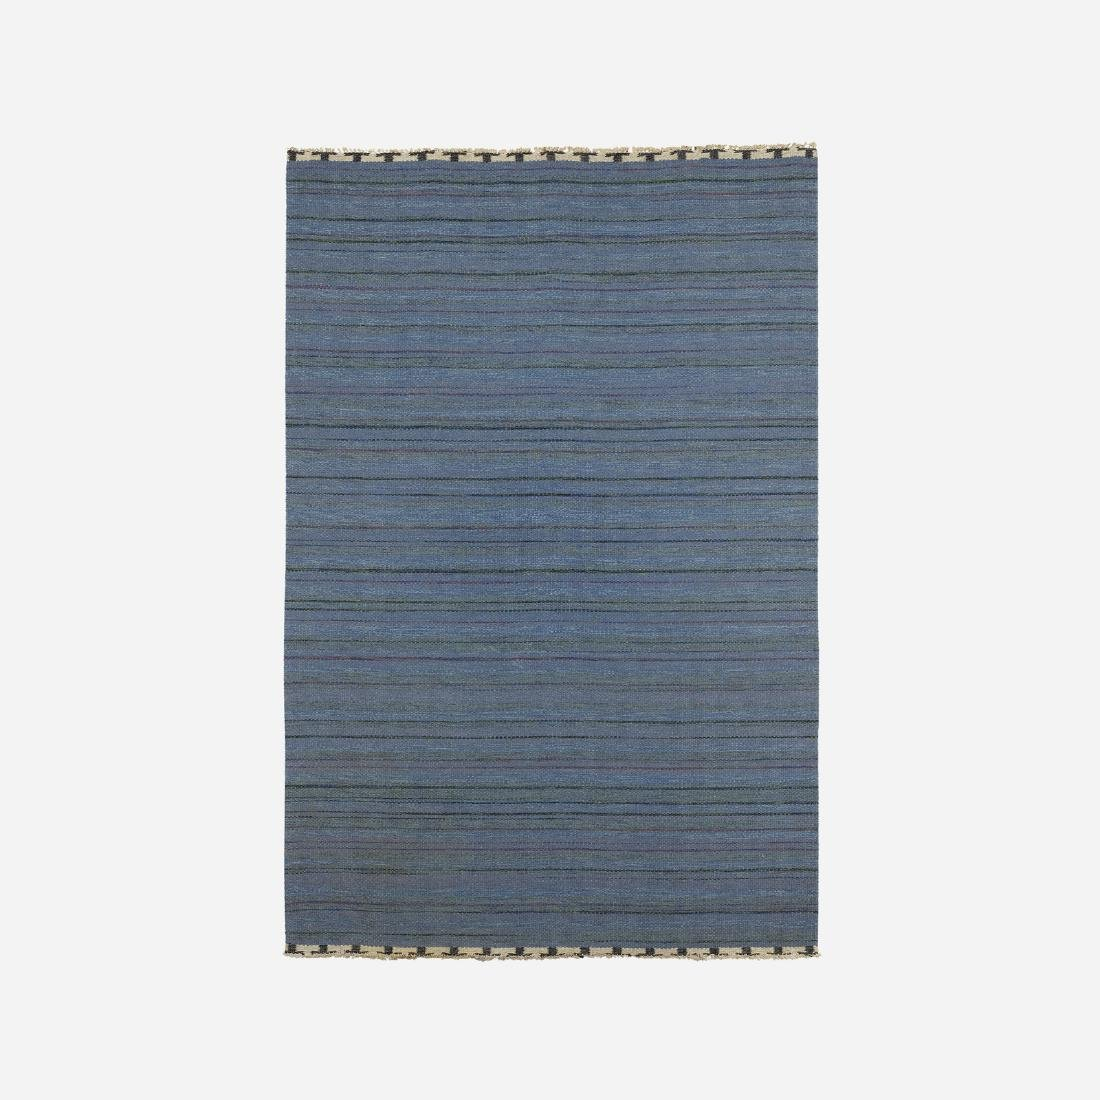 Rakel Carlander, flatweave carpet